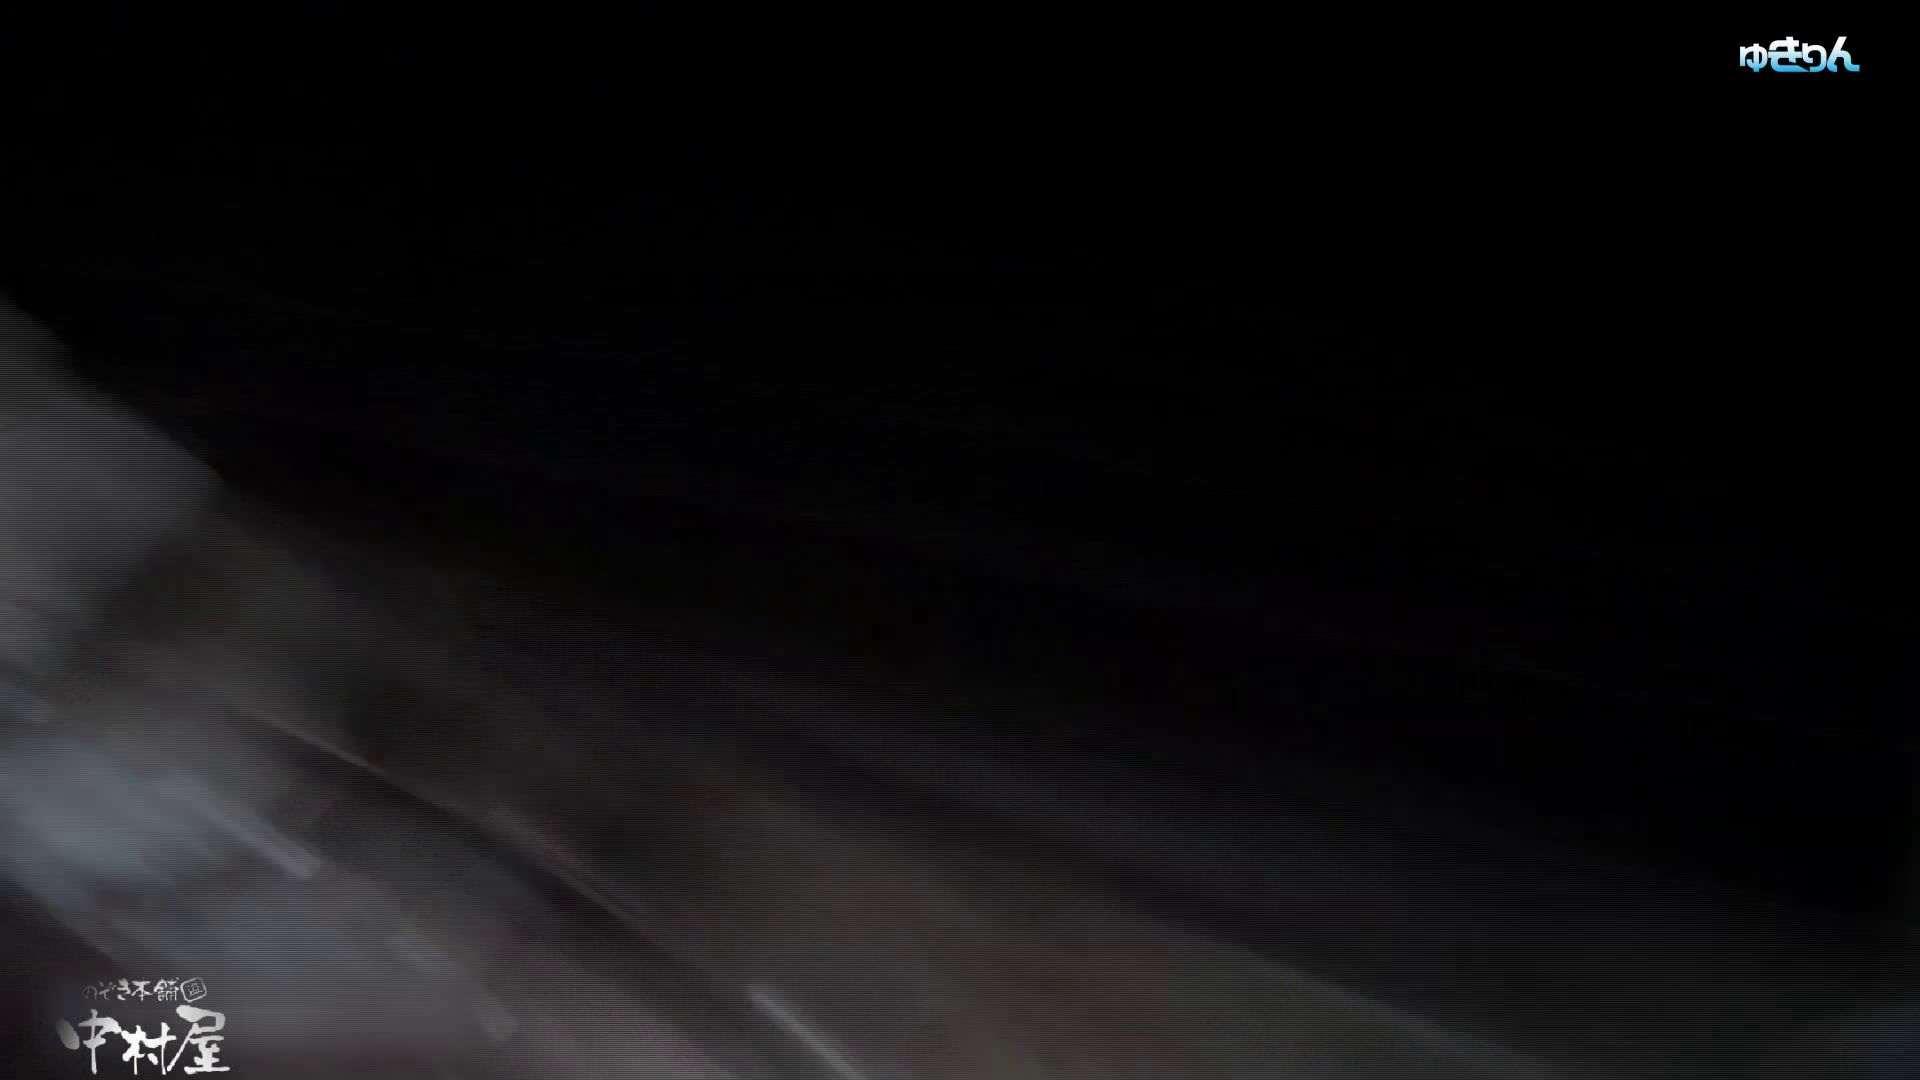 世界の射窓から~ステーション編 vol61 レベルアップ!!画質アップ、再発進 OLハメ撮り  77Pix 55